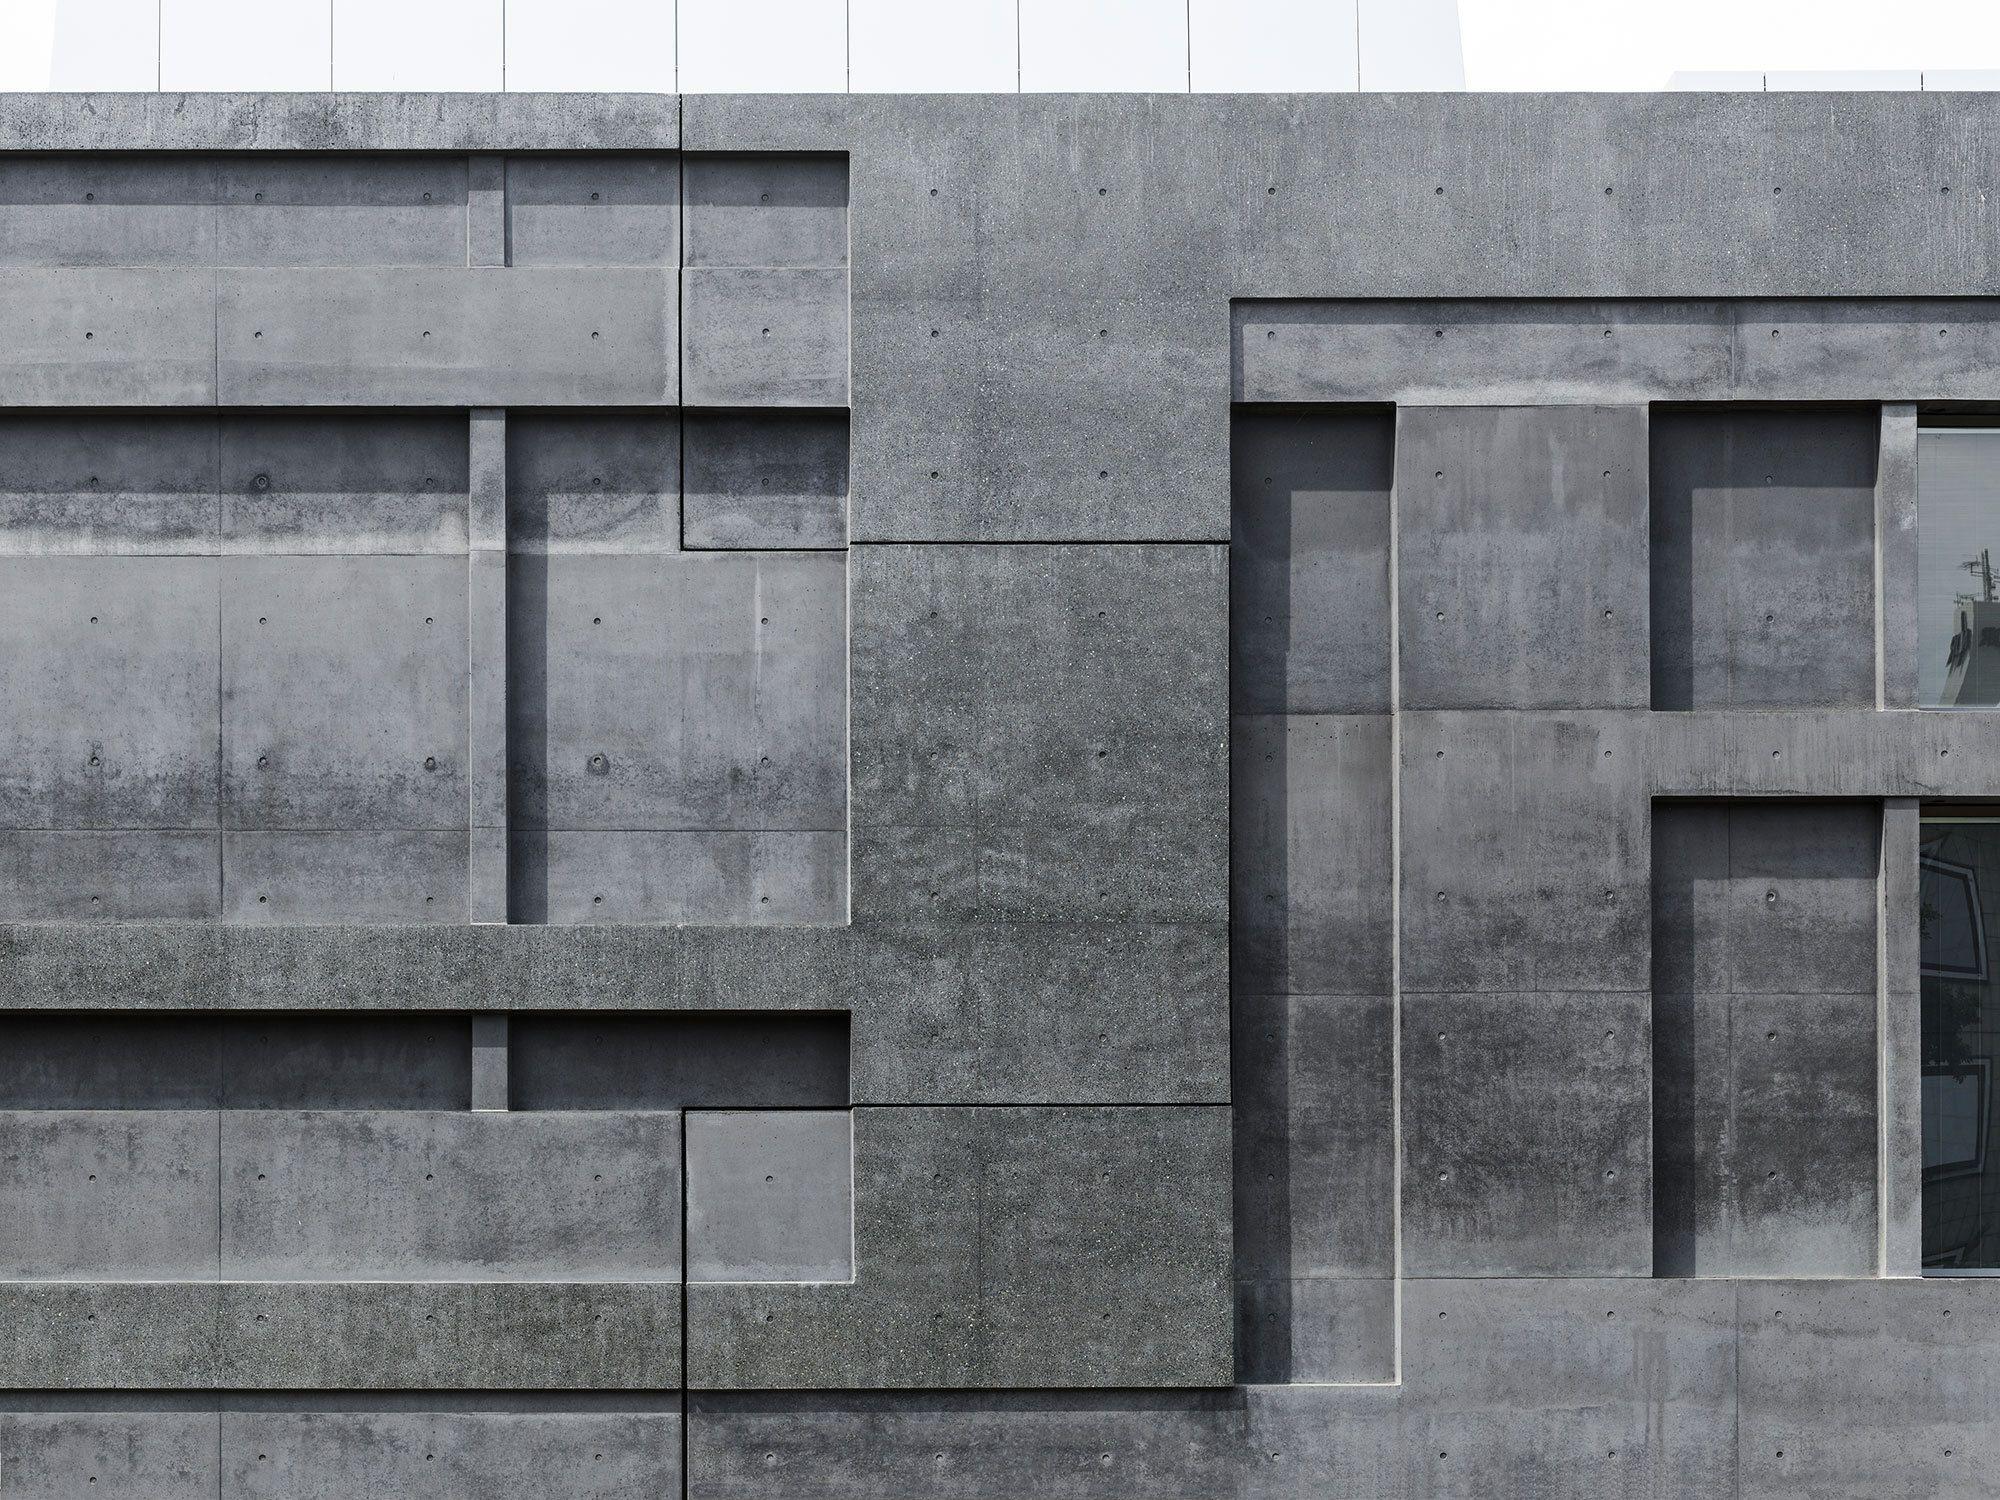 Architekten Hannover neo brutalismus in hannover museumserweiterung meili